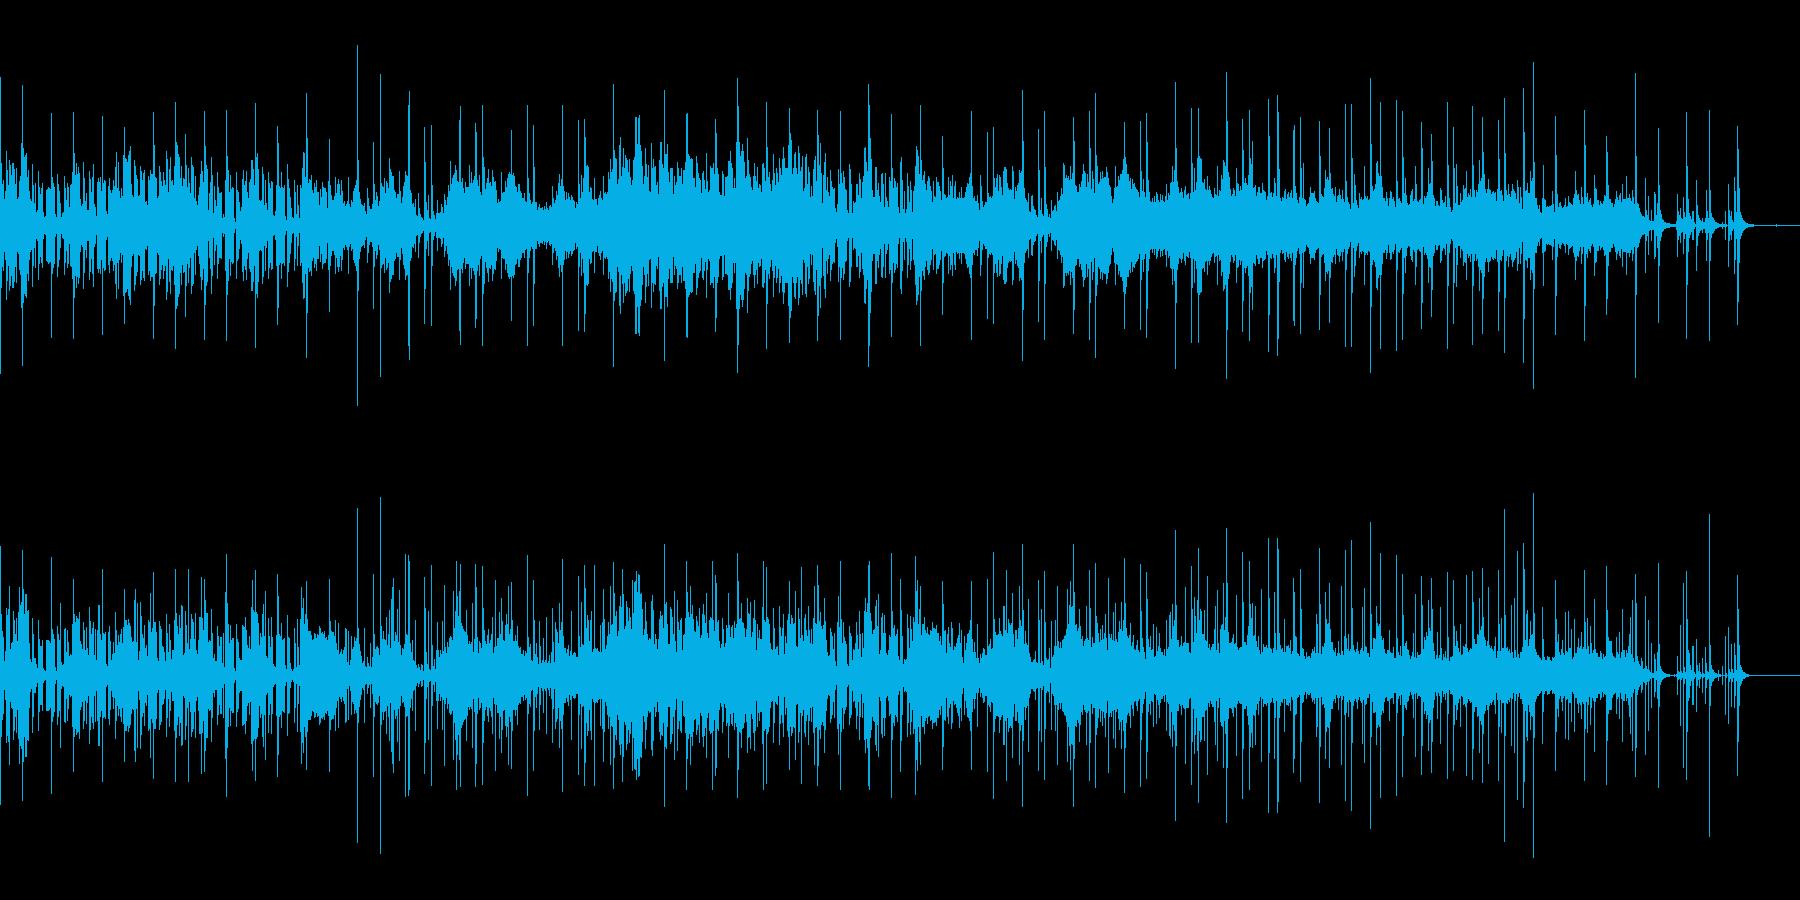 アラビア風シネマティックトレーラーの再生済みの波形